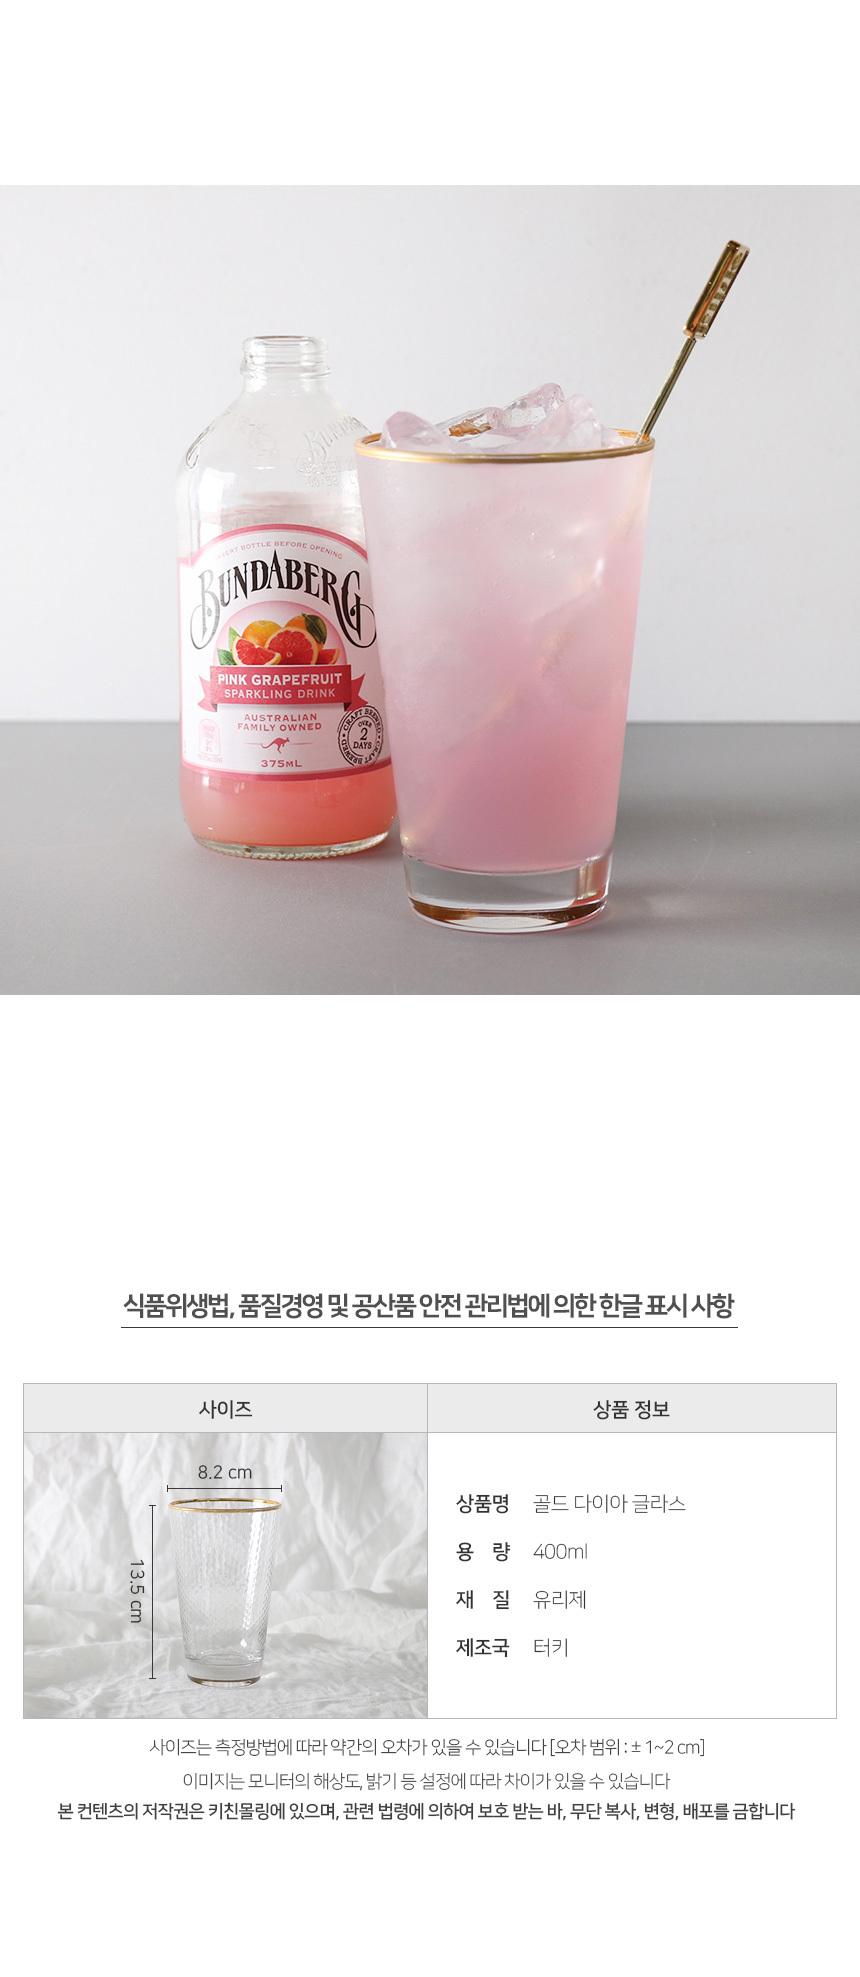 골드라인 다이아 카페 유리컵 400ml - 키친몰링, 7,900원, 유리컵/술잔, 유리컵